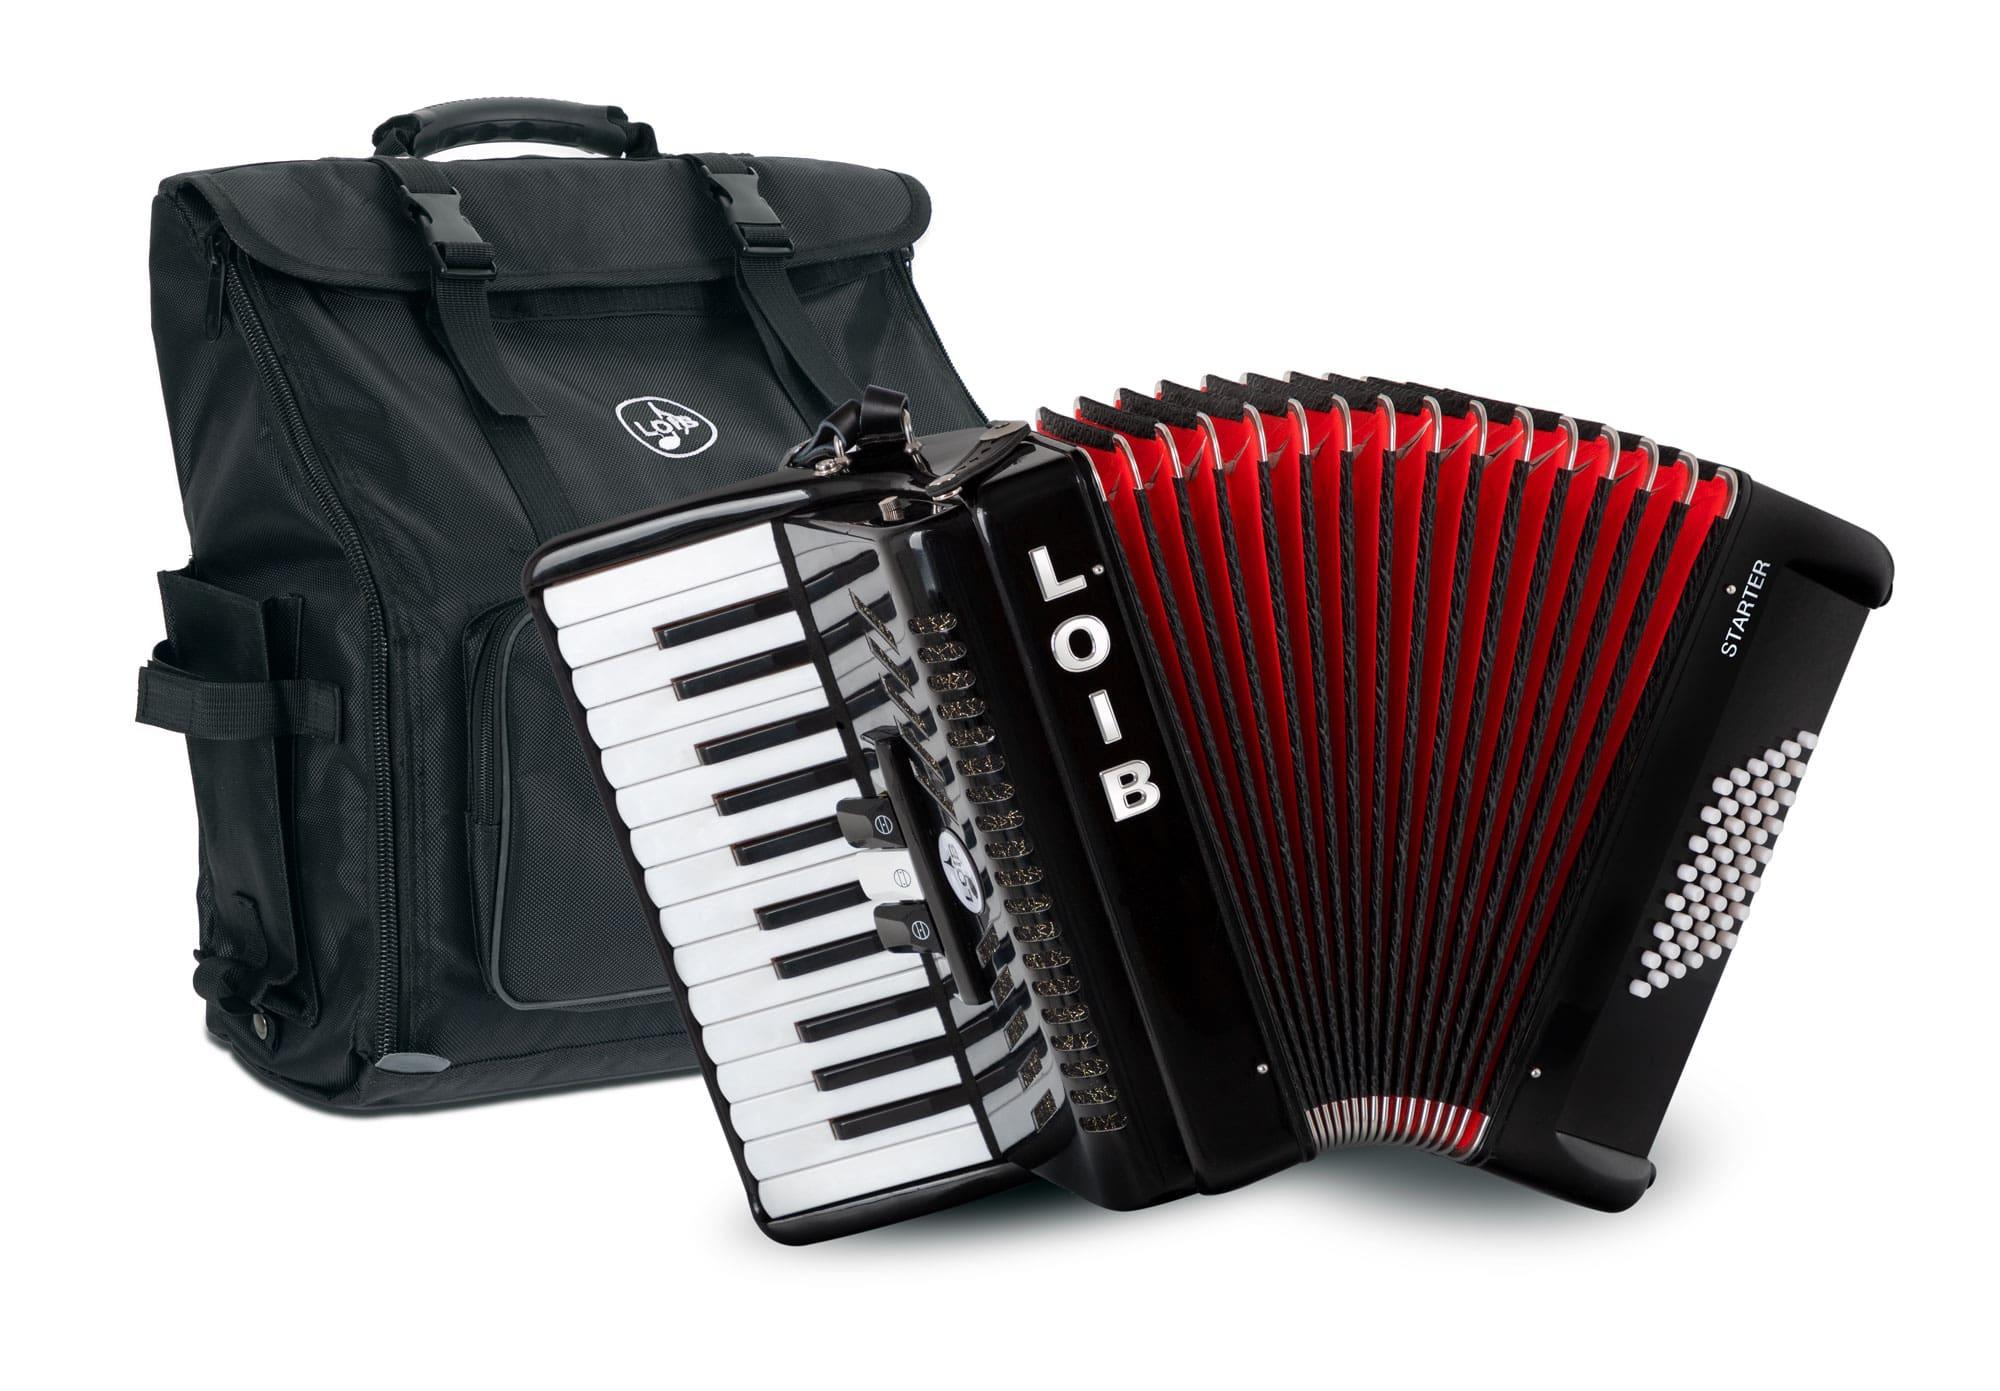 Akkordeons - Loib Starter II 48 BK Einsteiger Akkordeon schwarz Retoure (Zustand sehr gut) - Onlineshop Musikhaus Kirstein